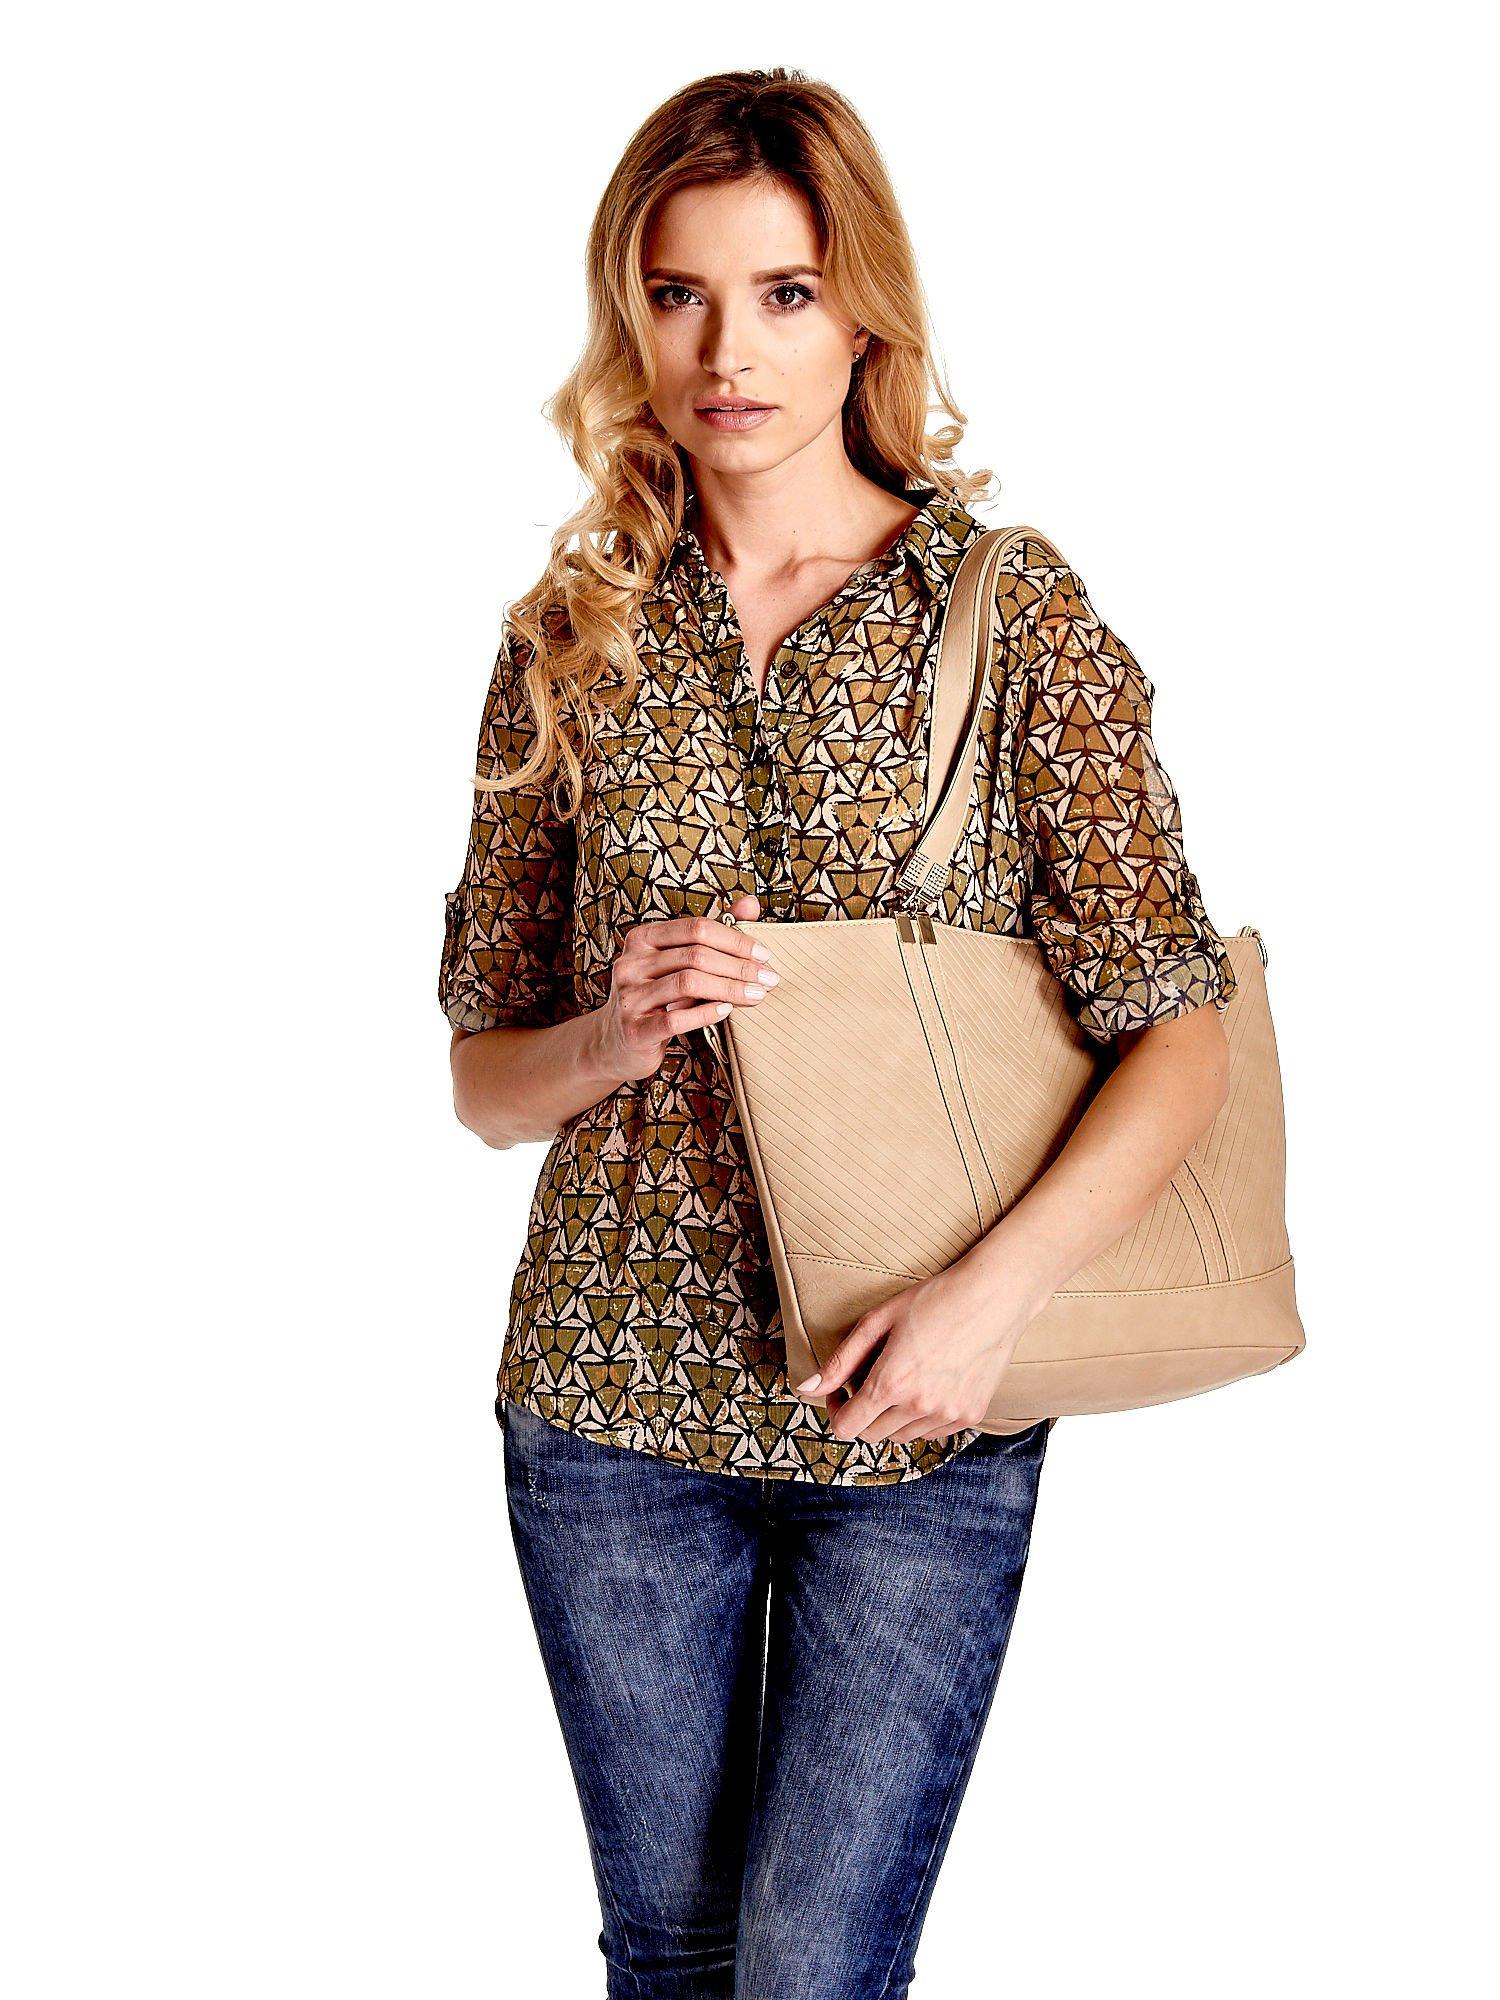 Beżowa fakturowana torebka damska ze złotymi okuciami                                  zdj.                                  1